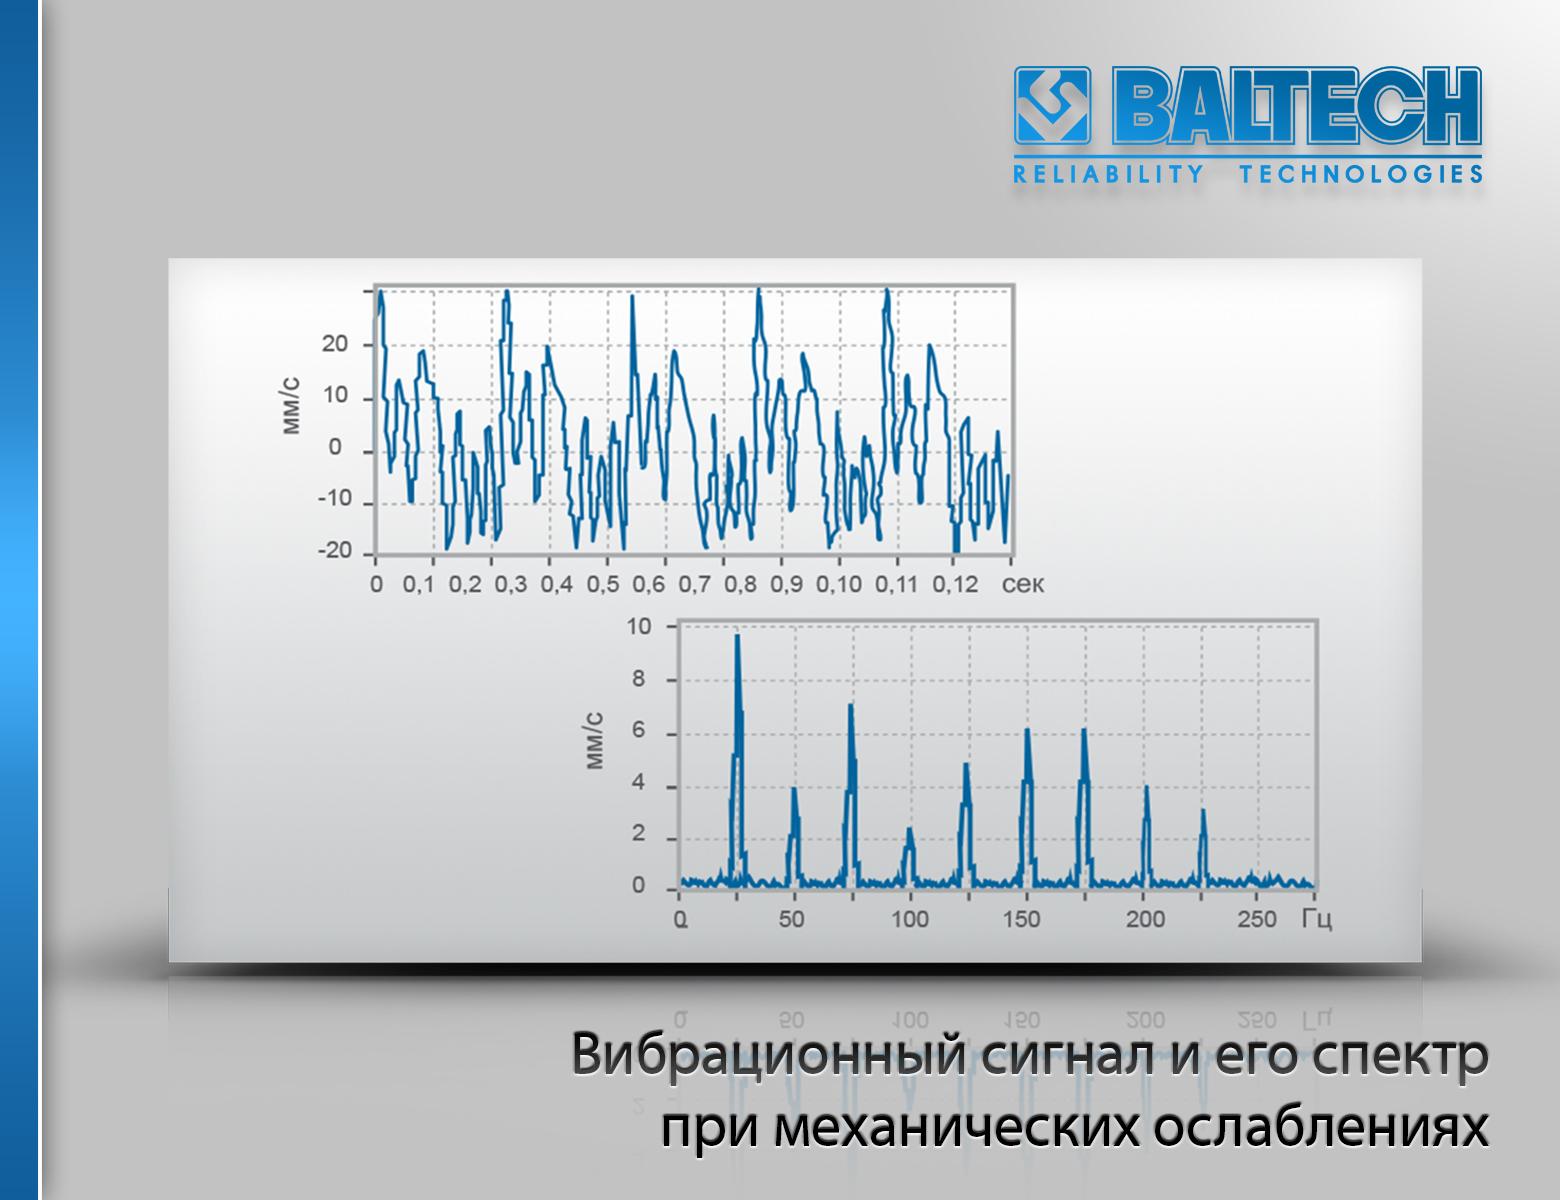 Вибрационный сигнал и его спектр при механических ослаблениях, диагностика ослаблений